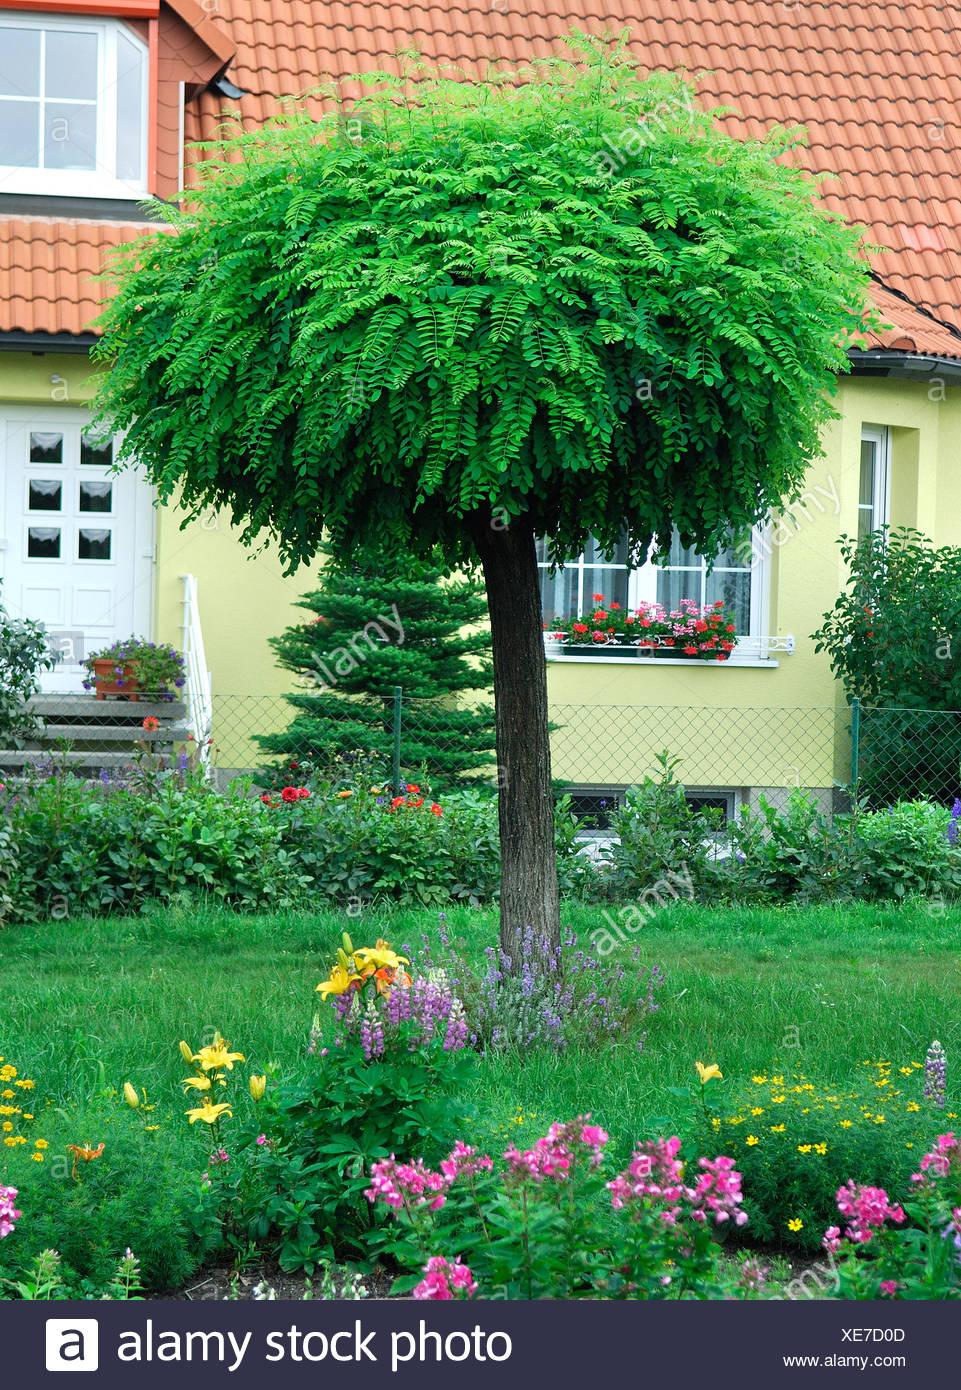 robinie gemeinsame heuschrecke robinie robinia pseudo akazie robinia pseudoacacia robinia. Black Bedroom Furniture Sets. Home Design Ideas